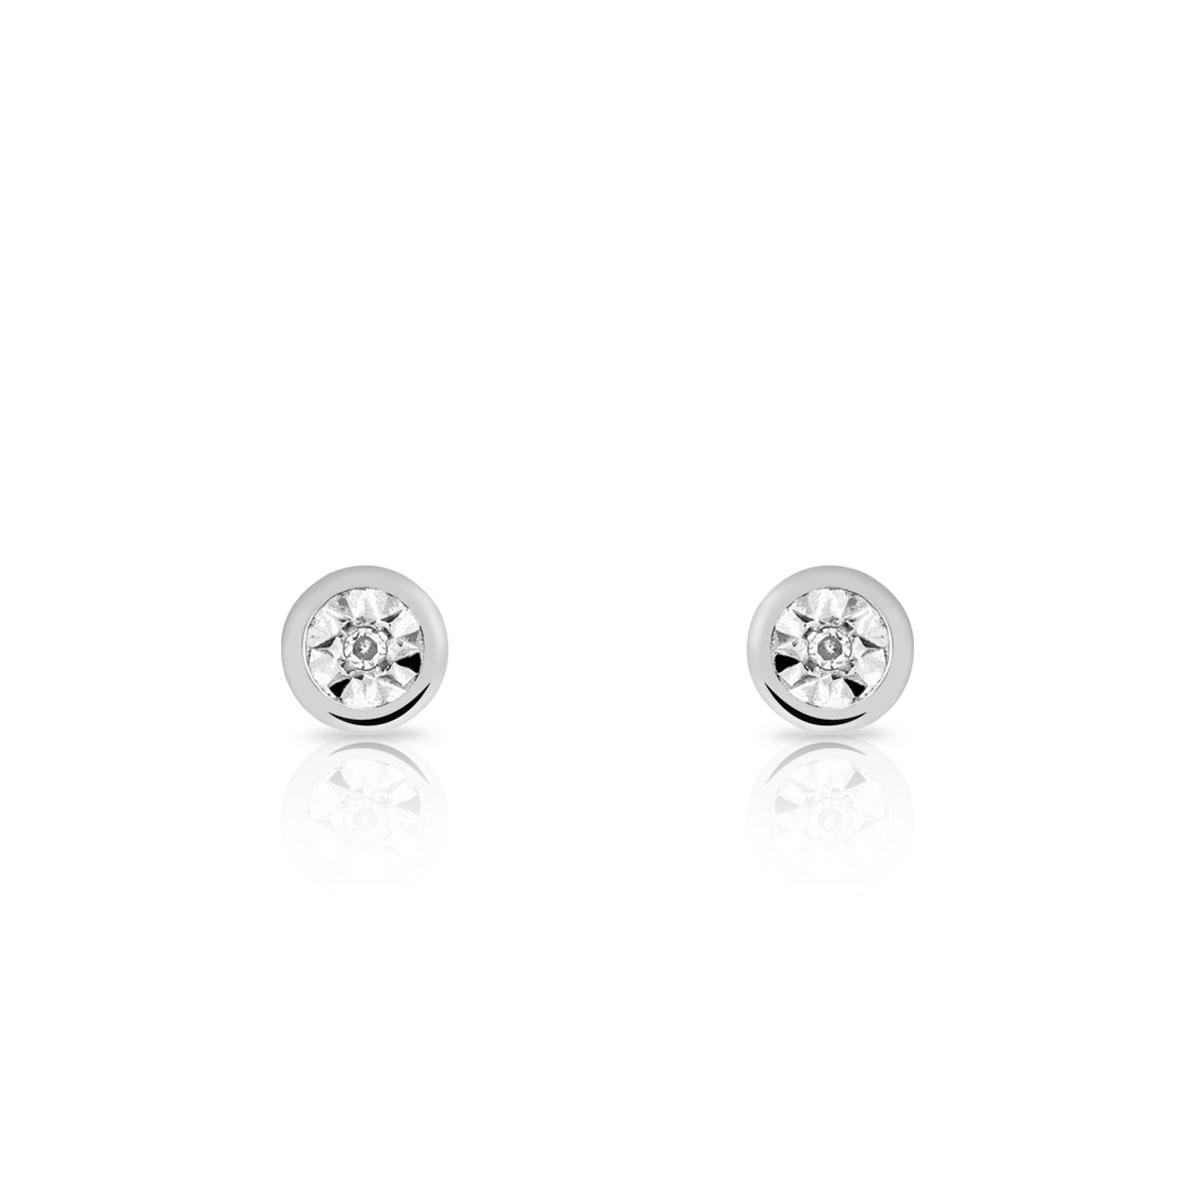 moins cher 78897 3dc9d Boucles d'oreilles or 750 blanc diamant